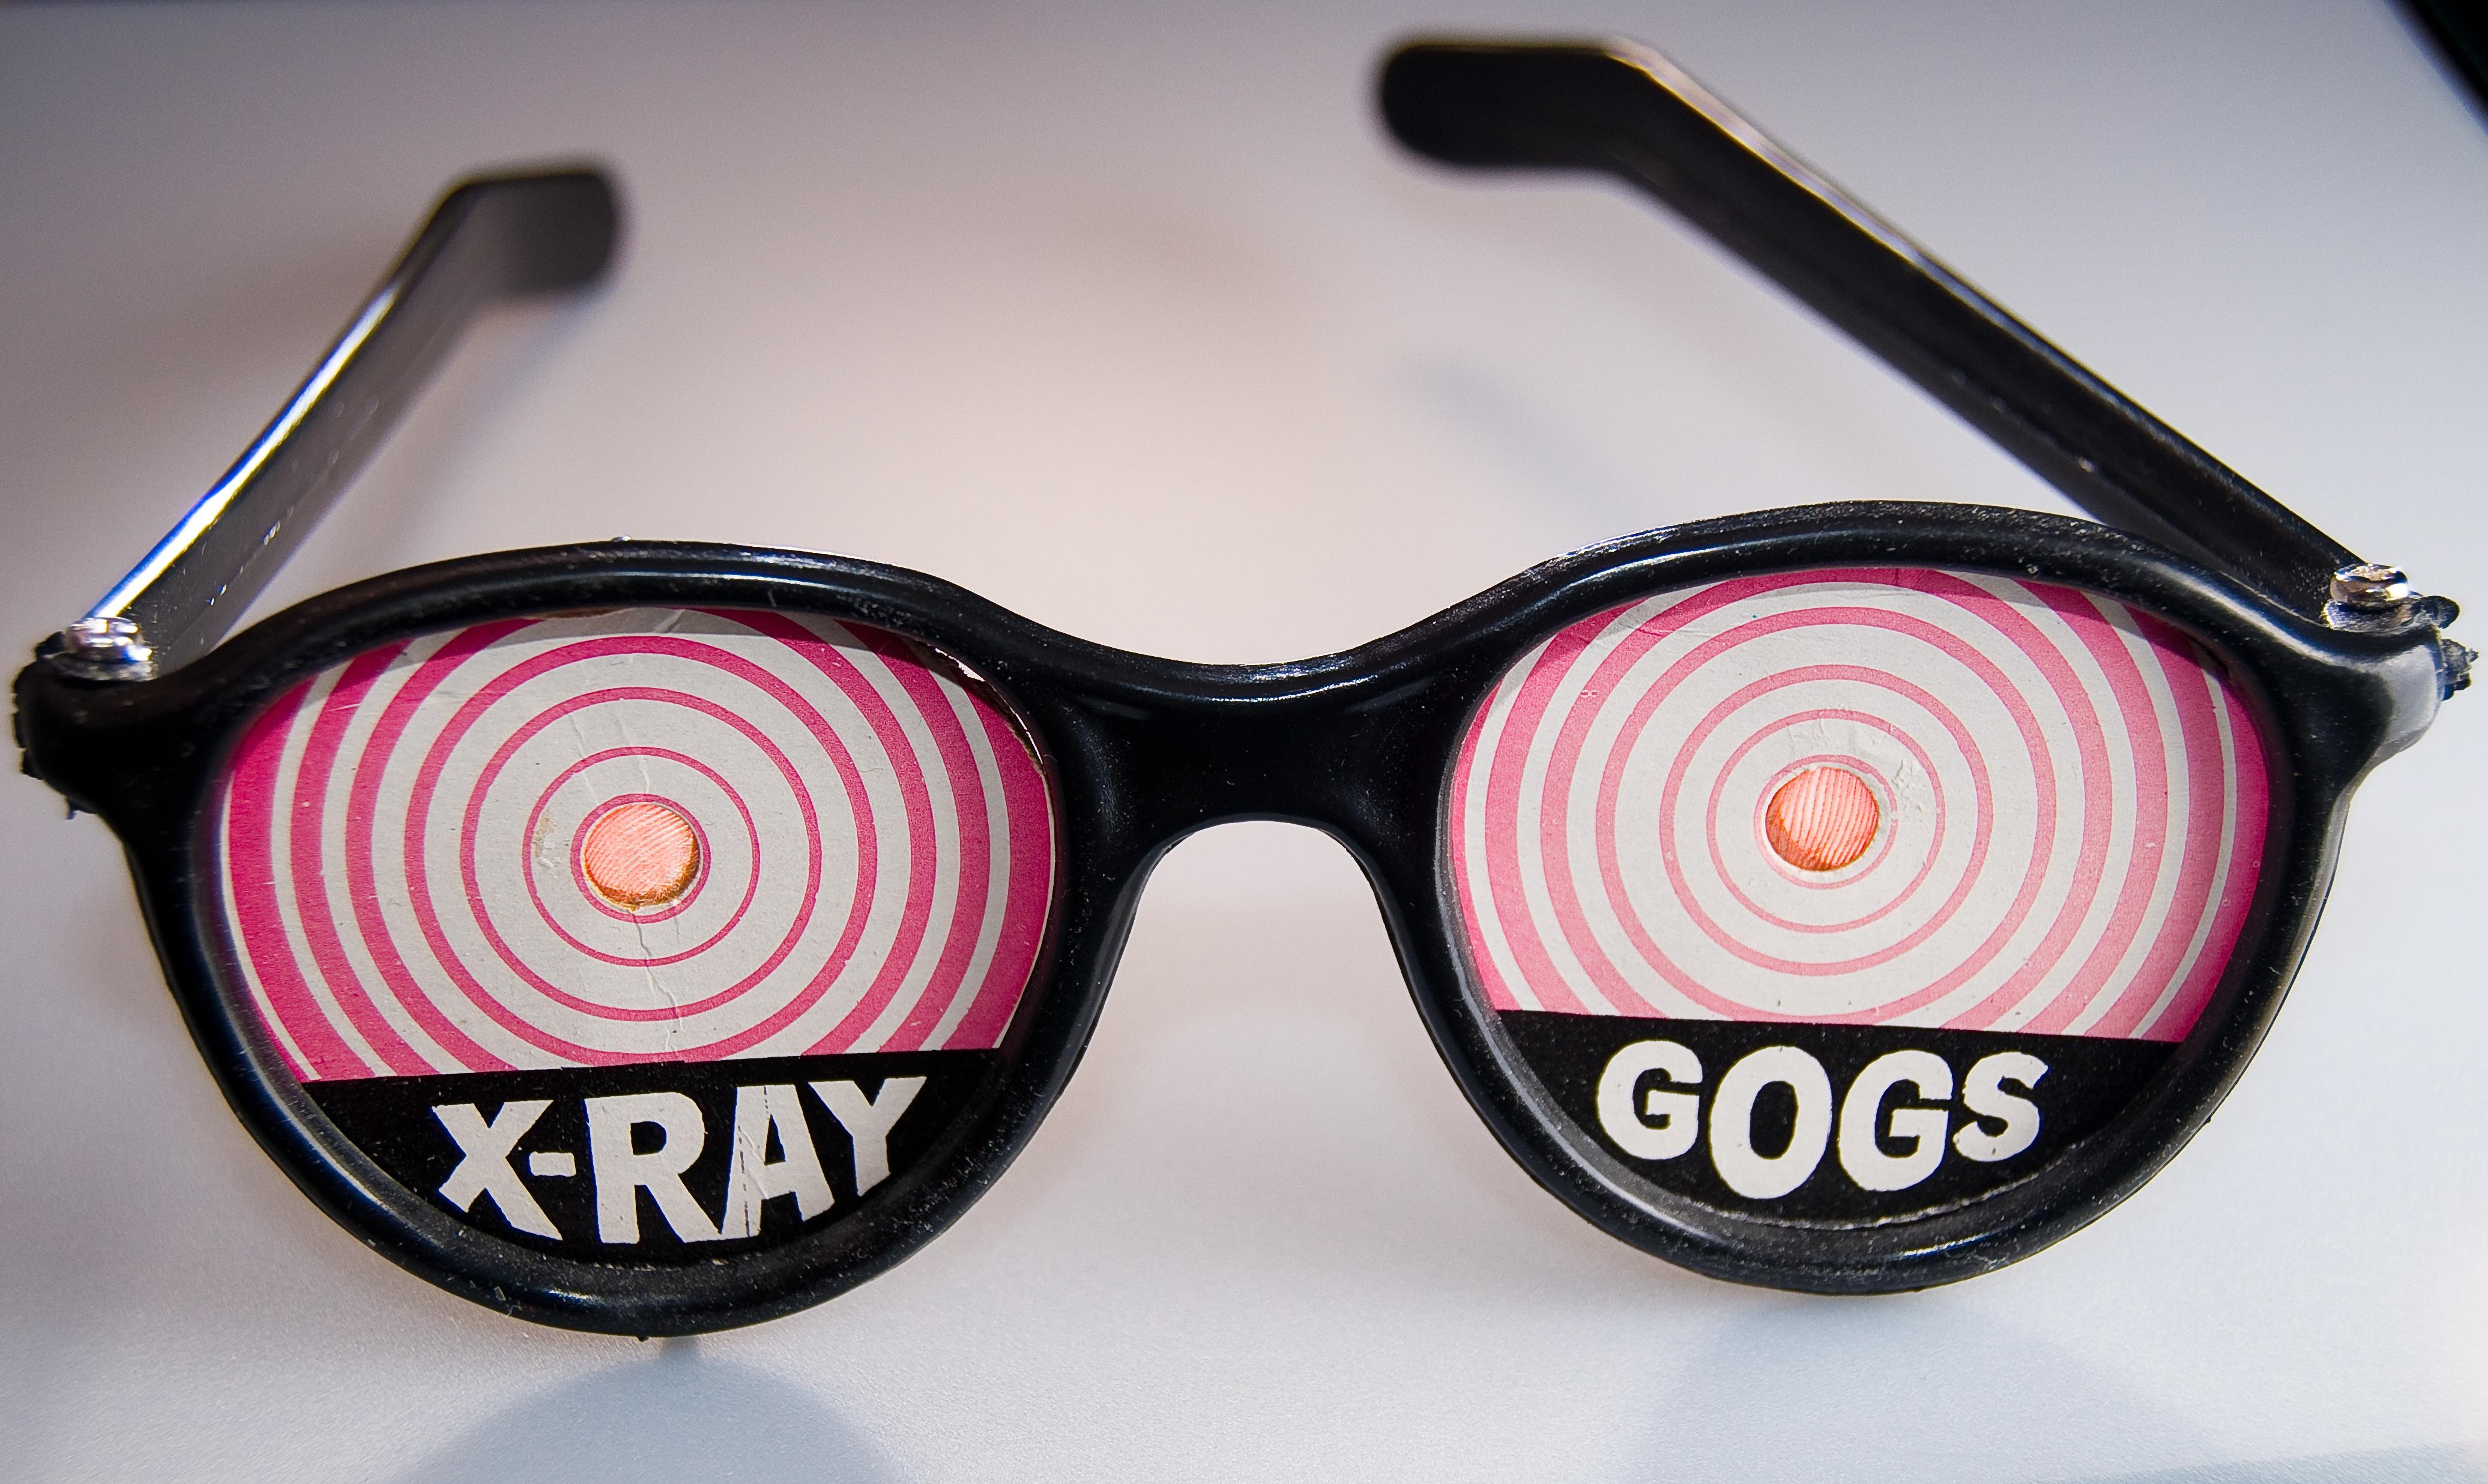 xray googles